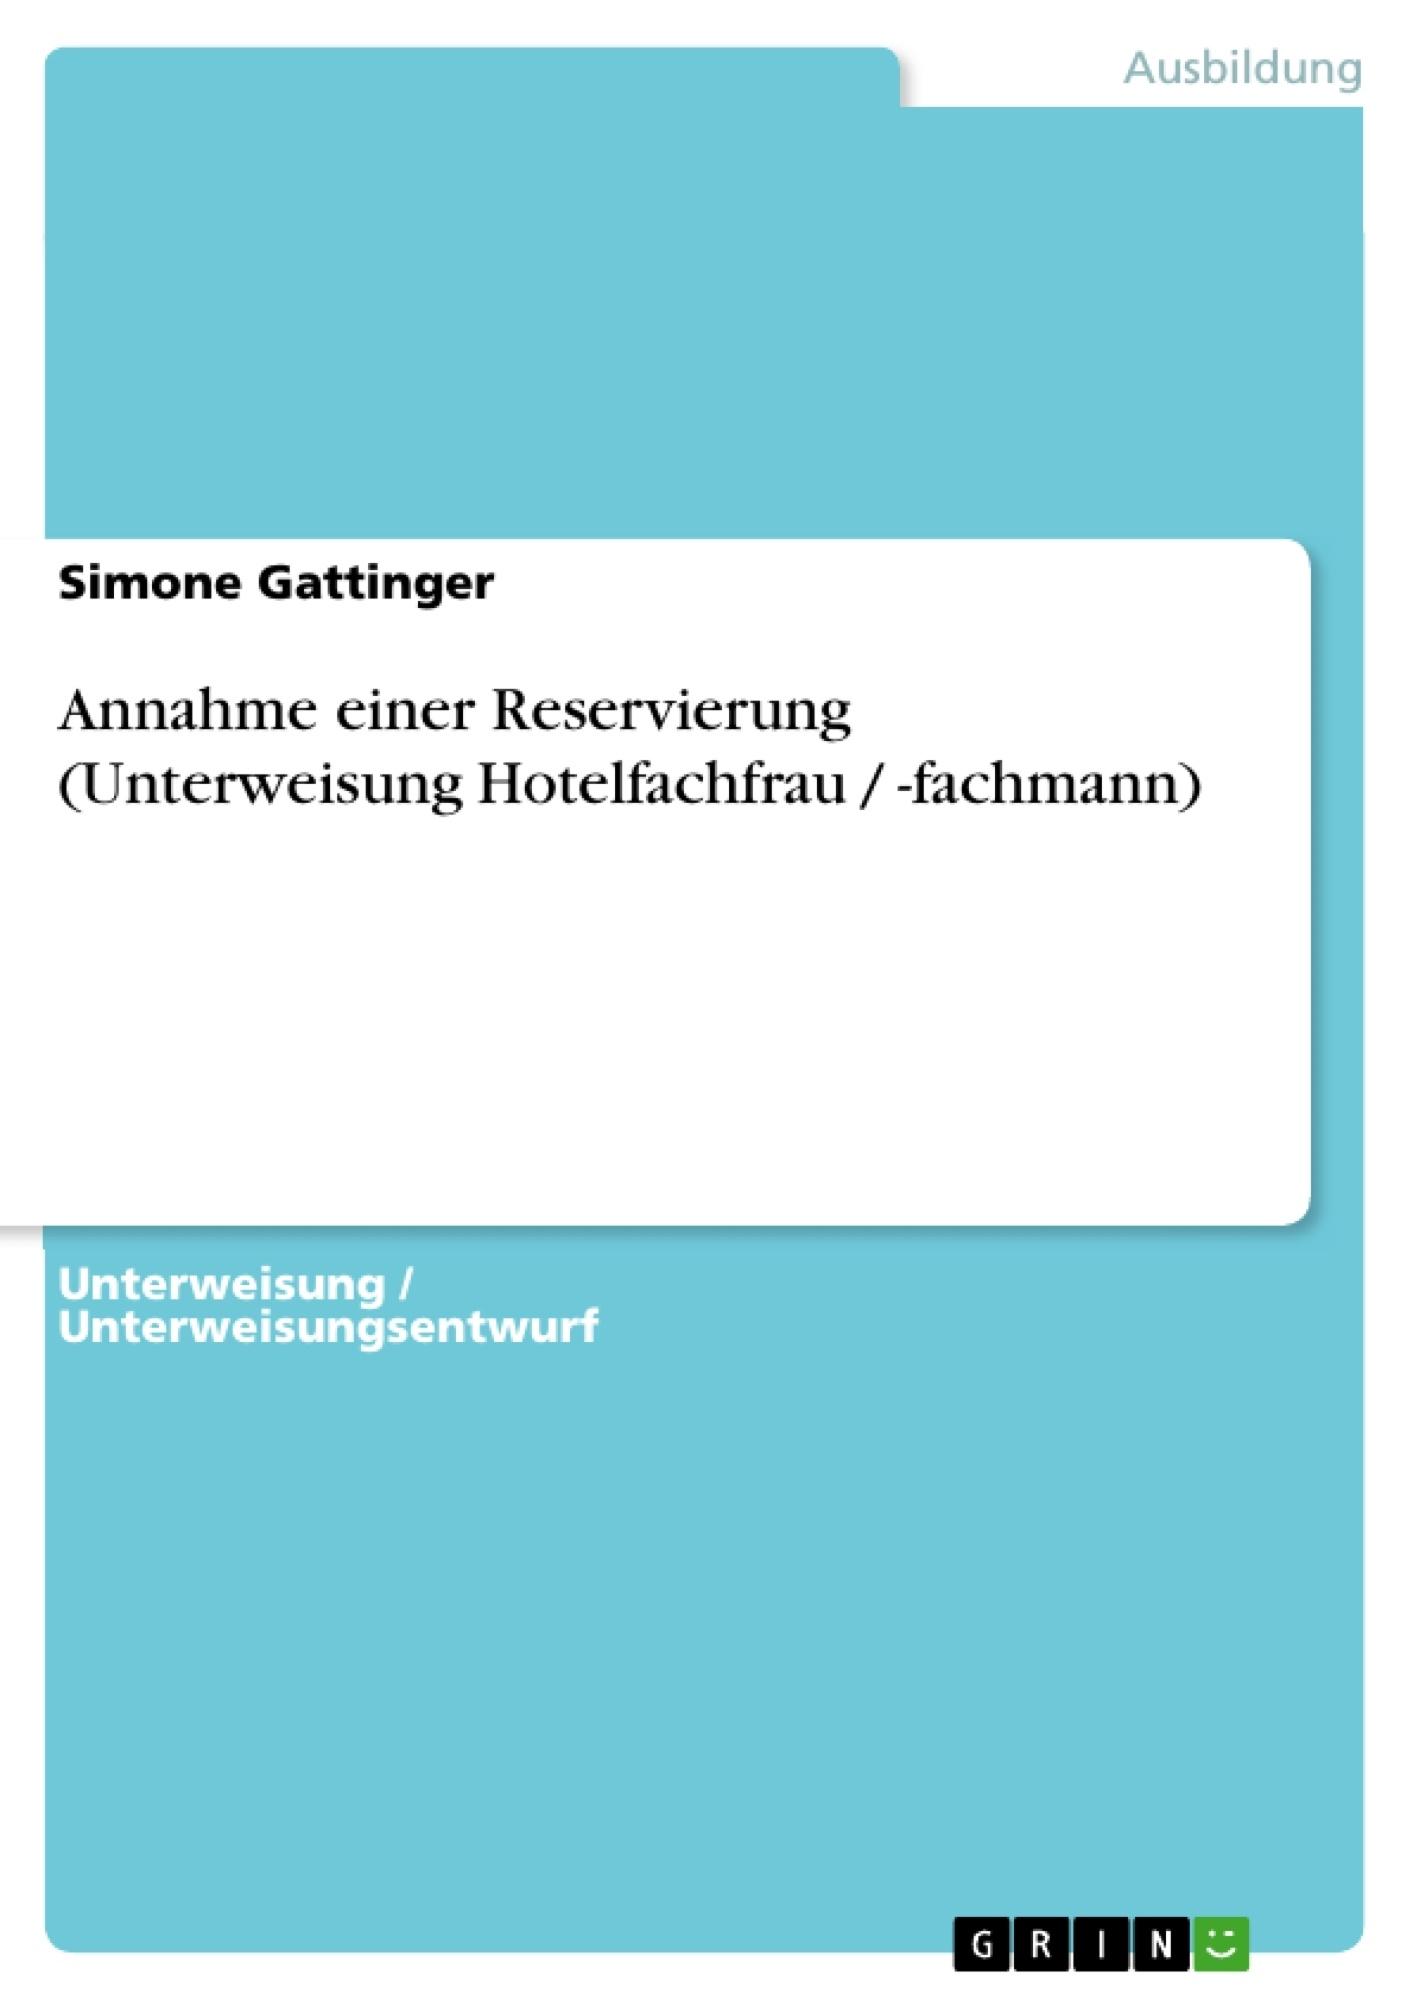 Titel: Annahme einer Reservierung (Unterweisung Hotelfachfrau / -fachmann)